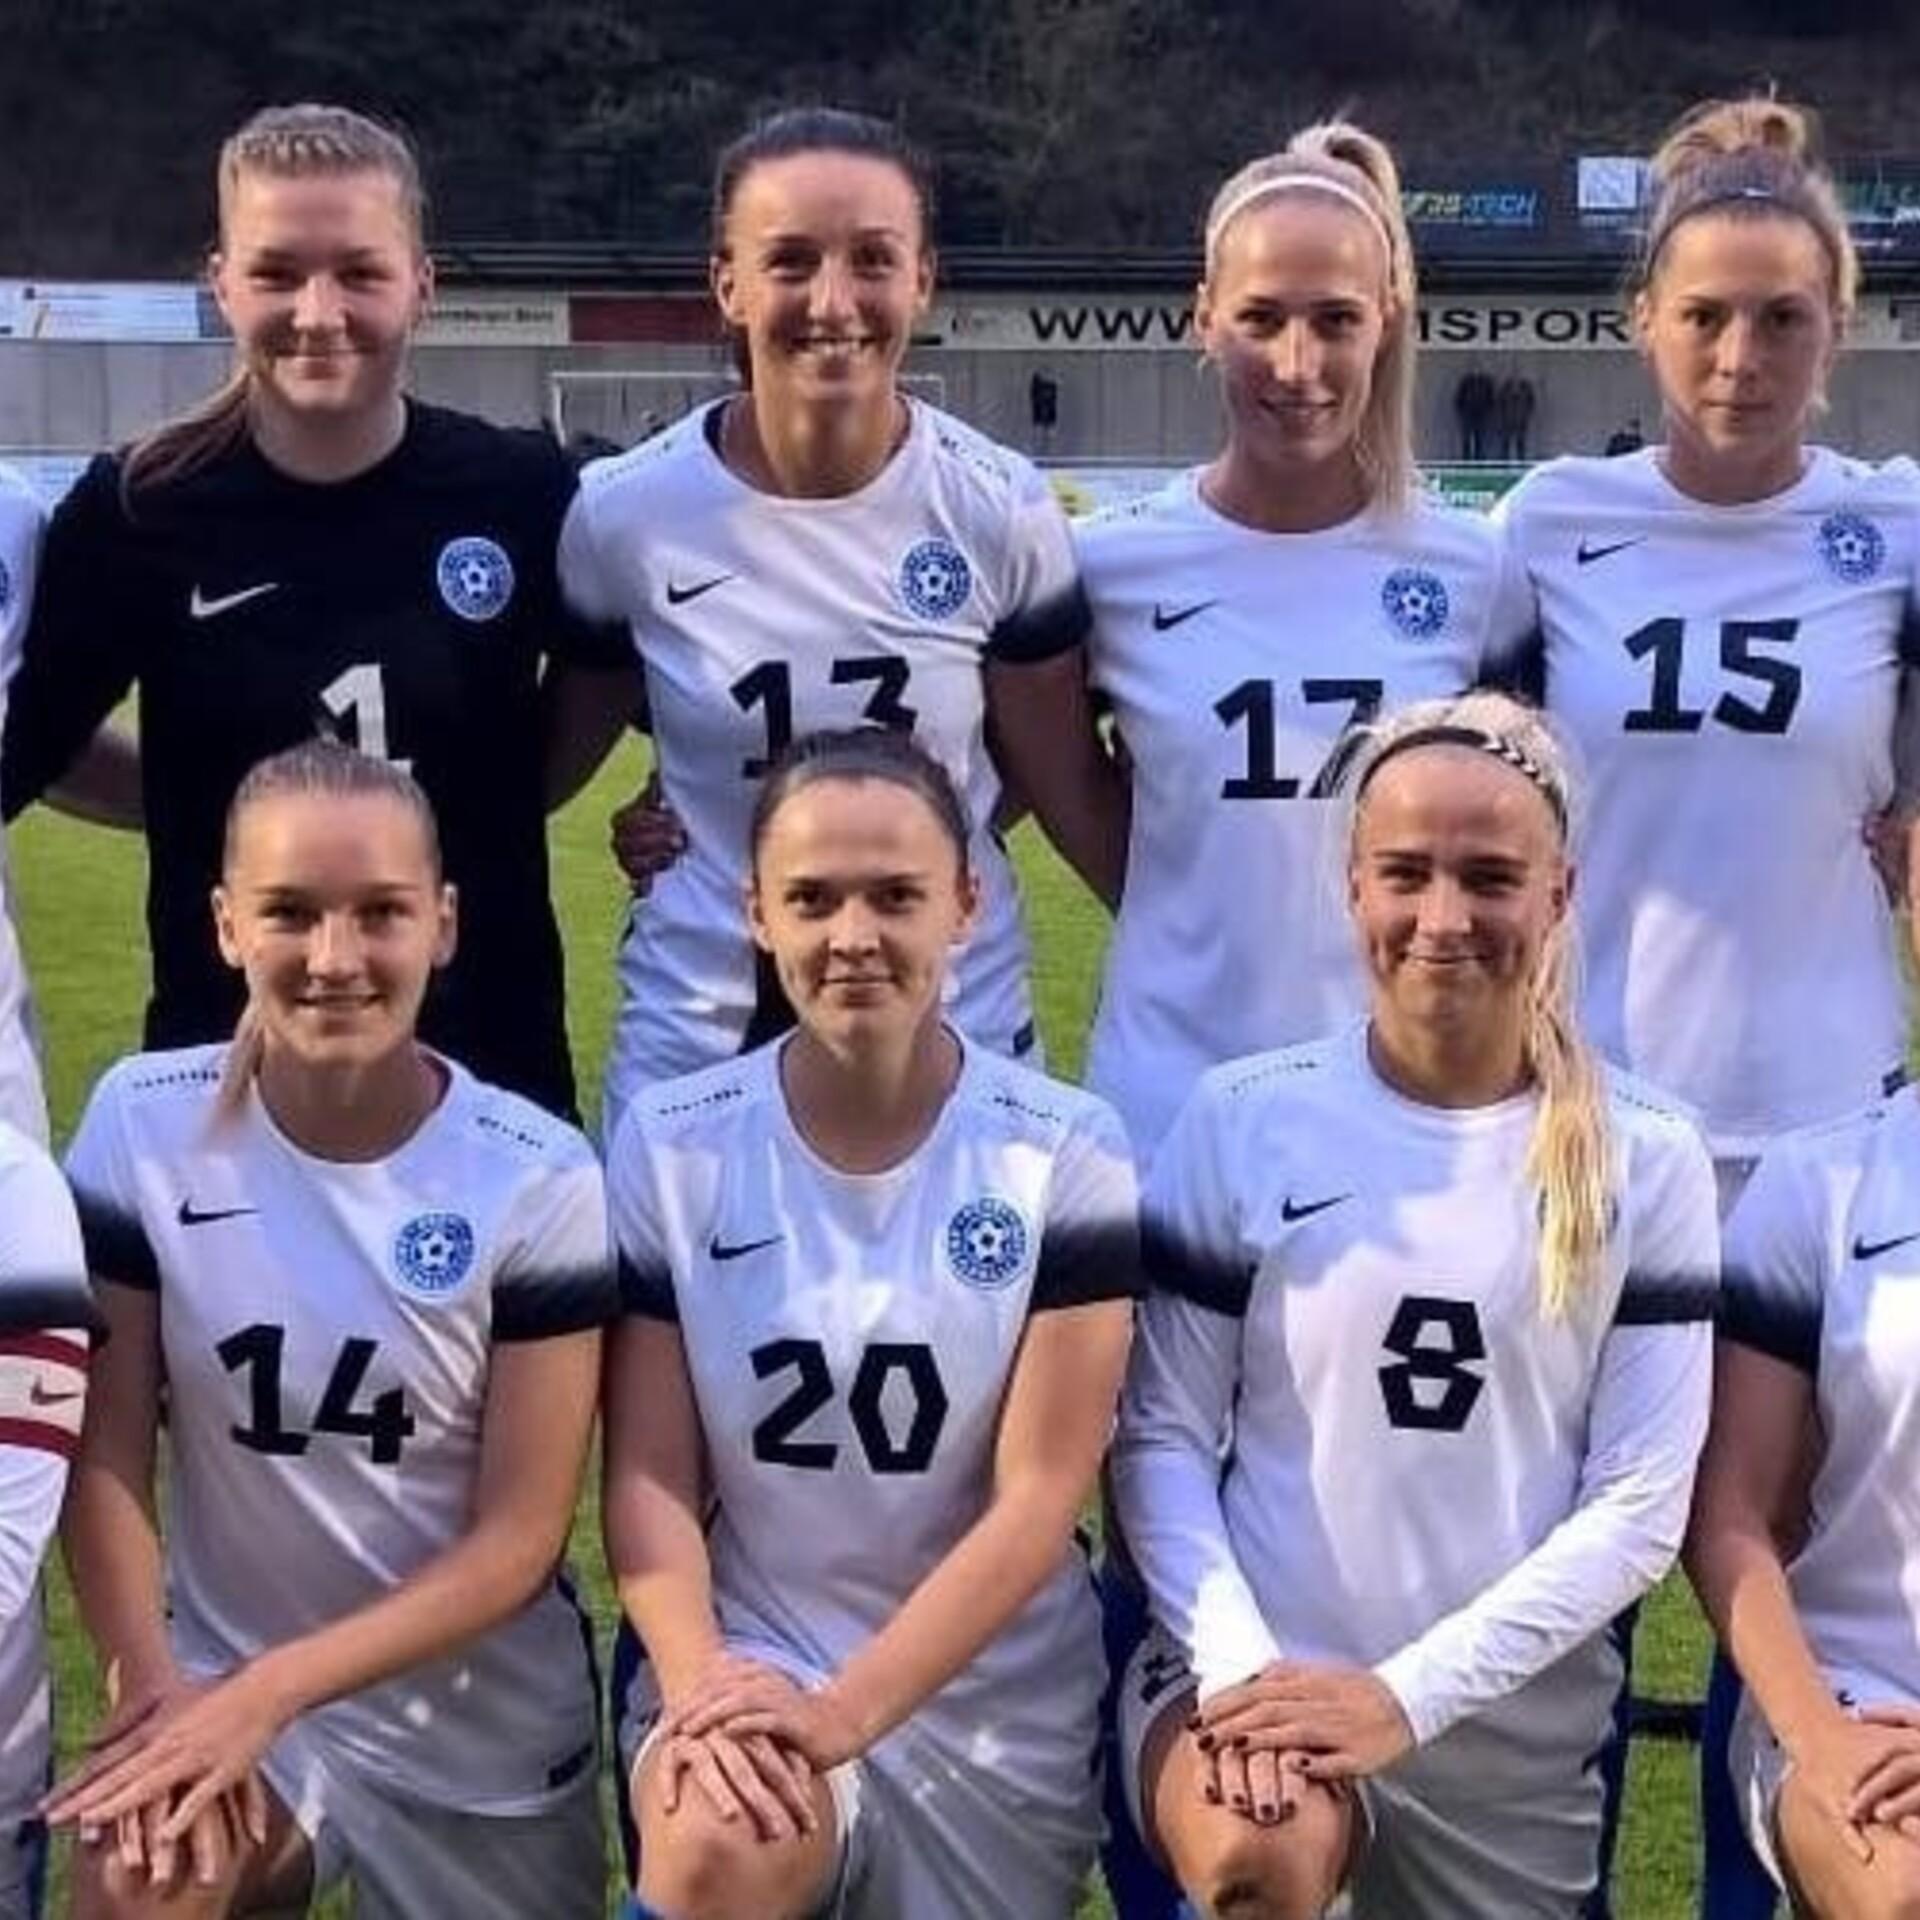 51dc0c97ac3 Eesti naiste jalgpallikoondis sai viimaste aastate suurima võidu |  Jalgpalli Eesti koondis | ERR